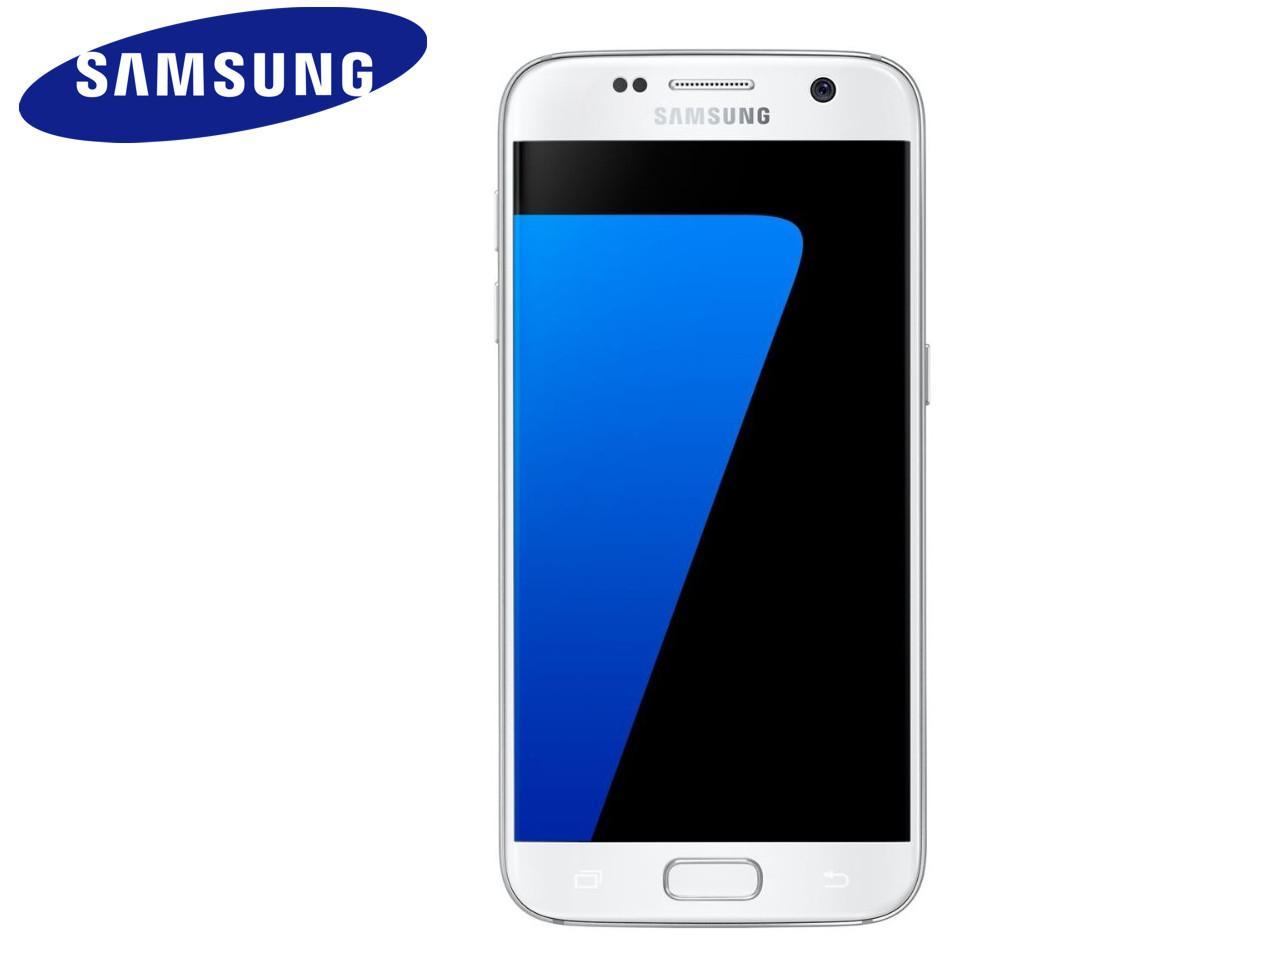 SAMSUNG Galaxy S7 (SM-G930F), 32 GB, bílý, CZ distribuce